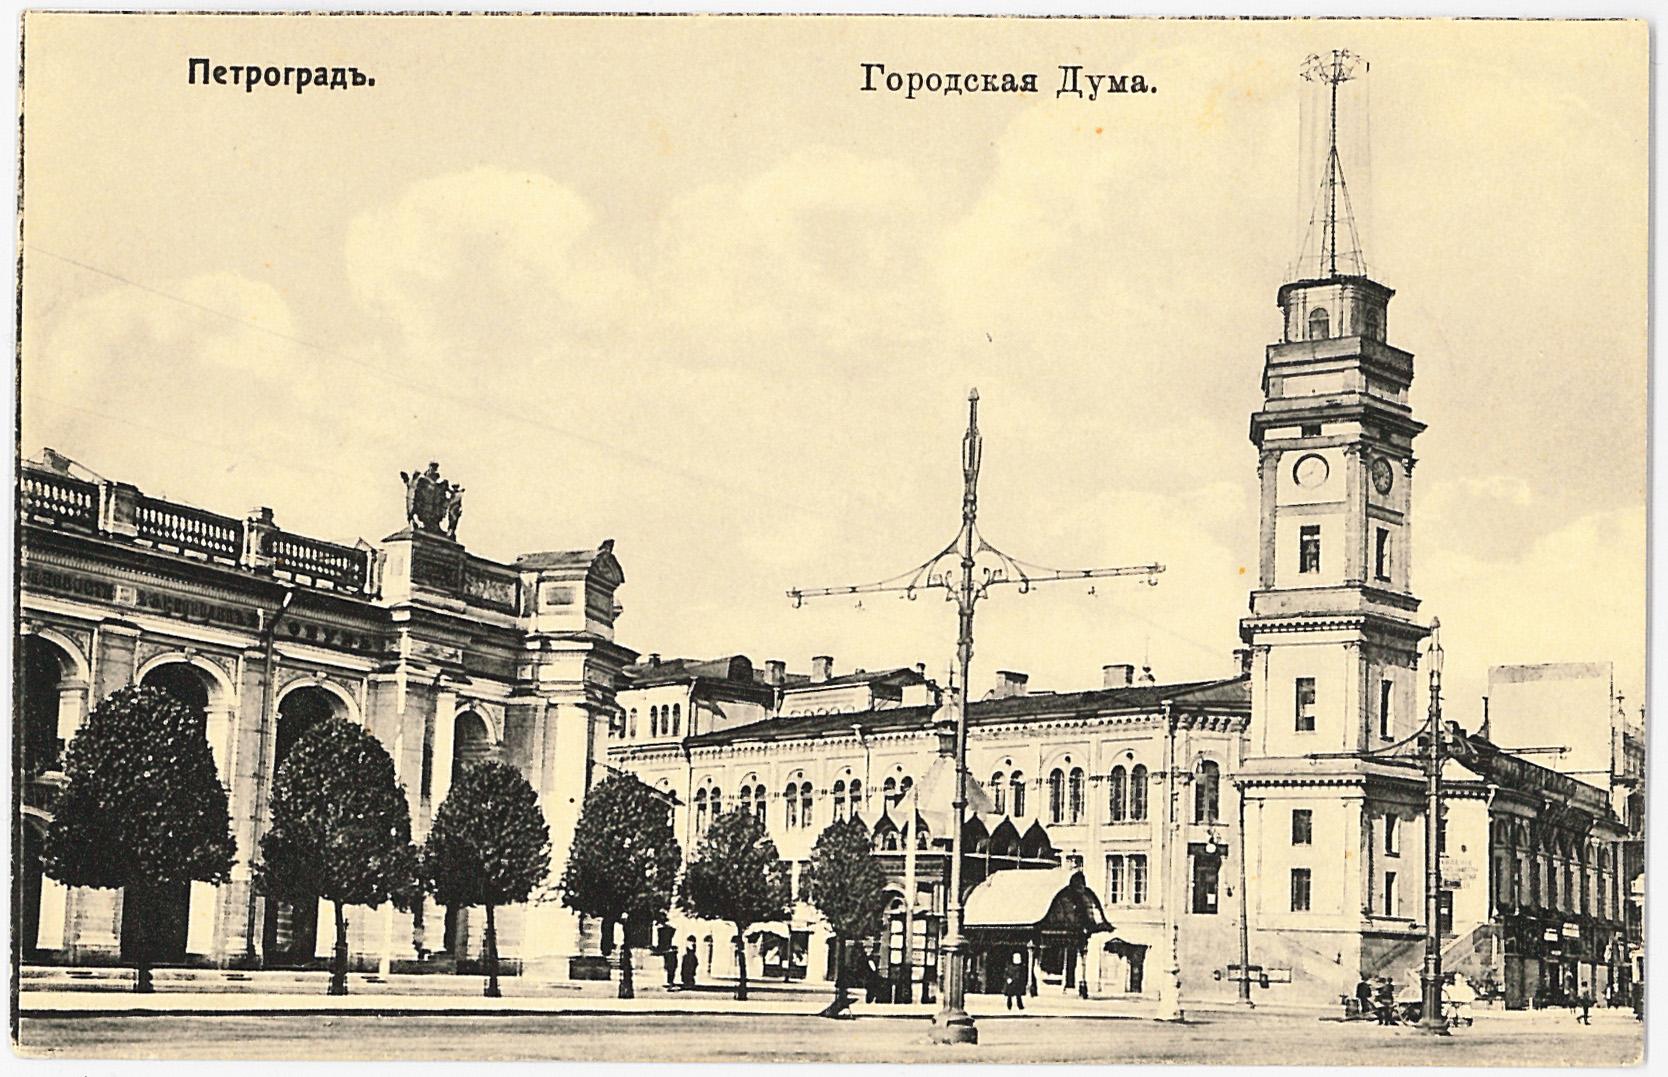 Петроград. Городская дума.